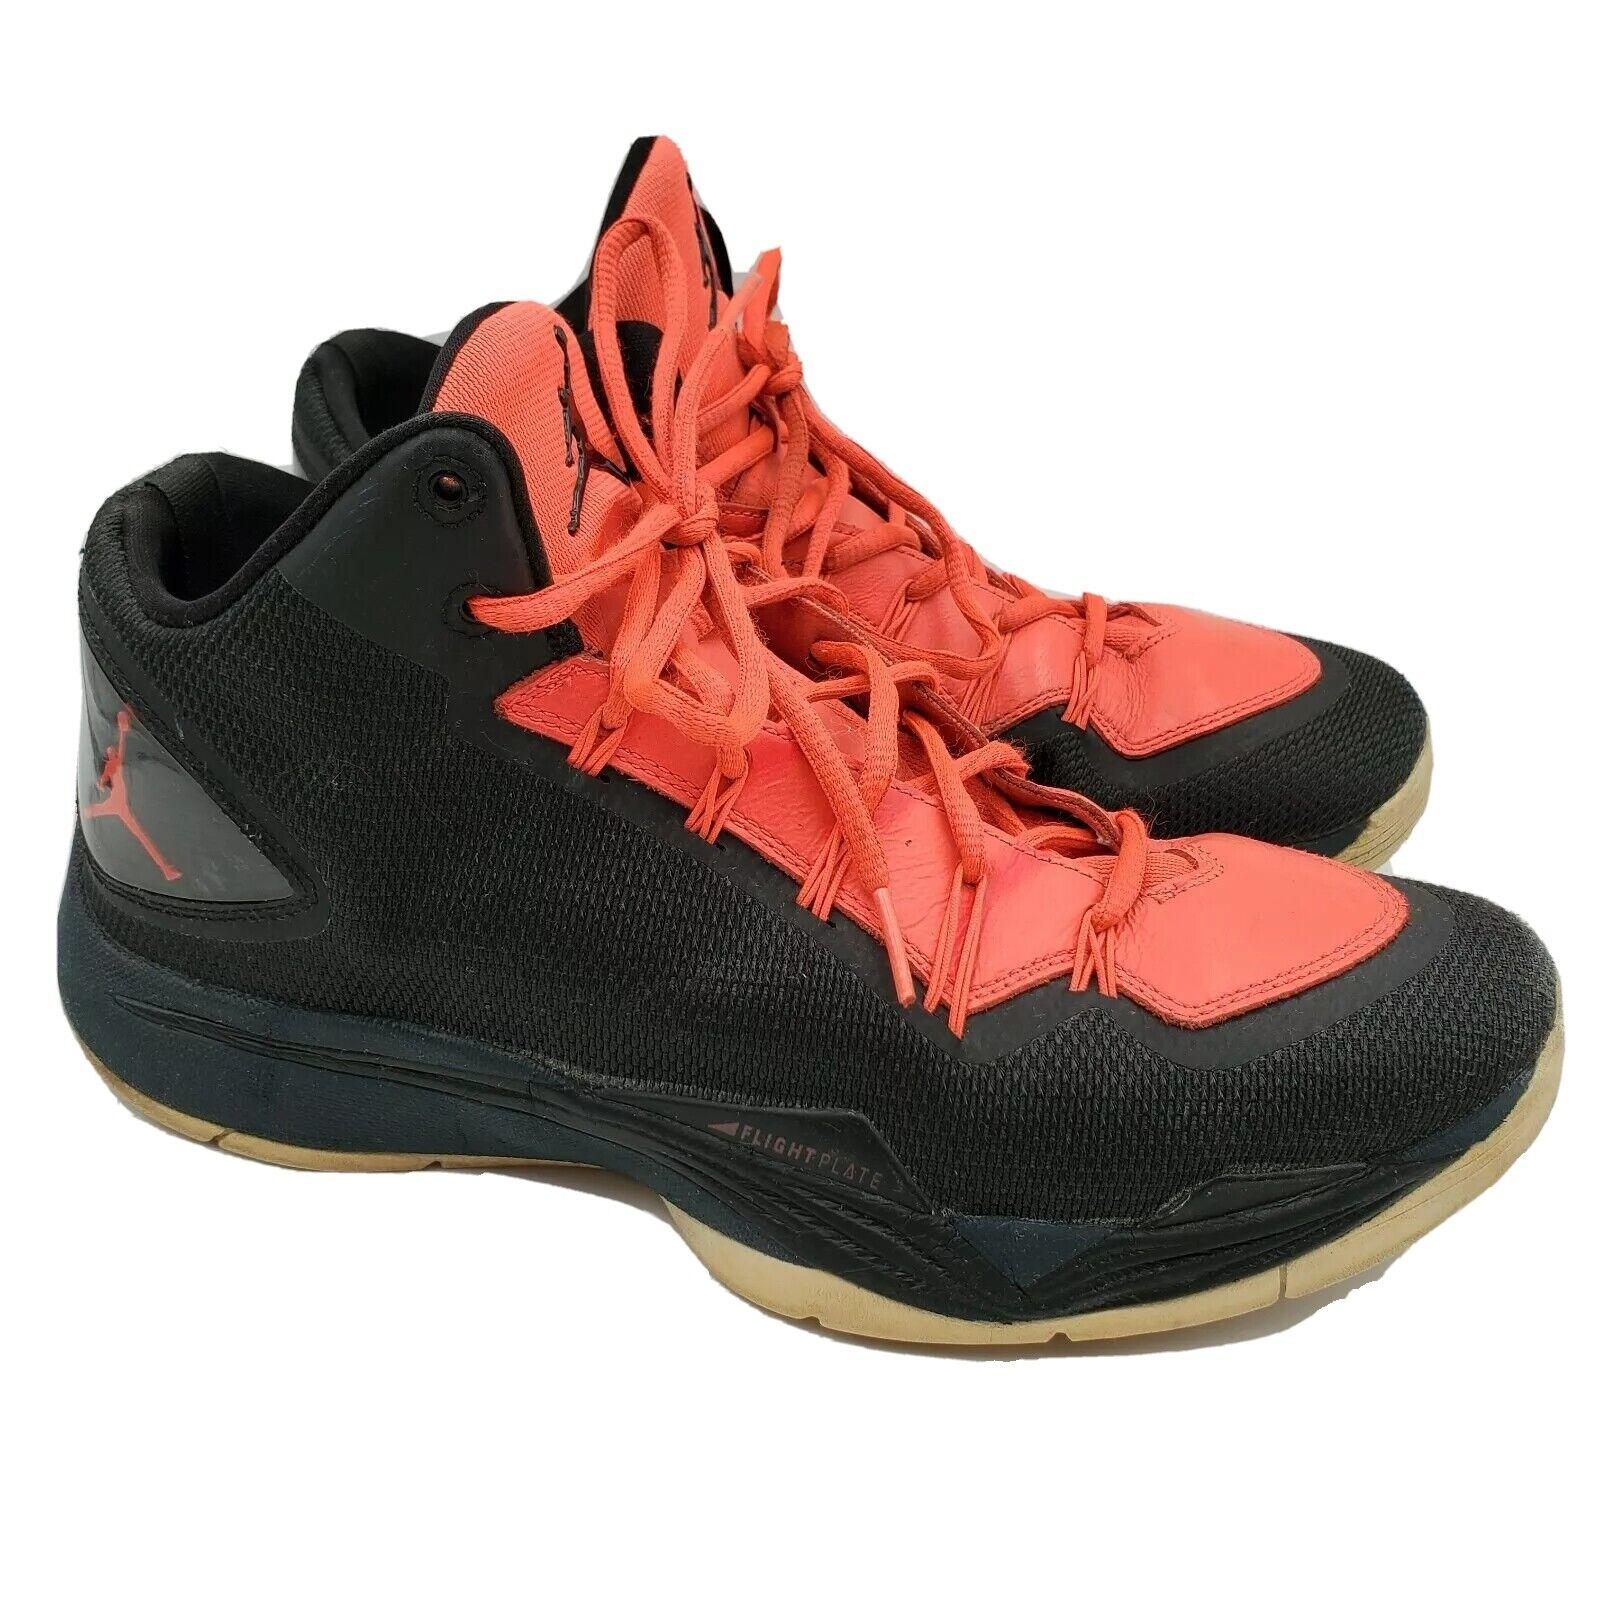 Nike Jordan Super Fly 2 Infrared 23 Men